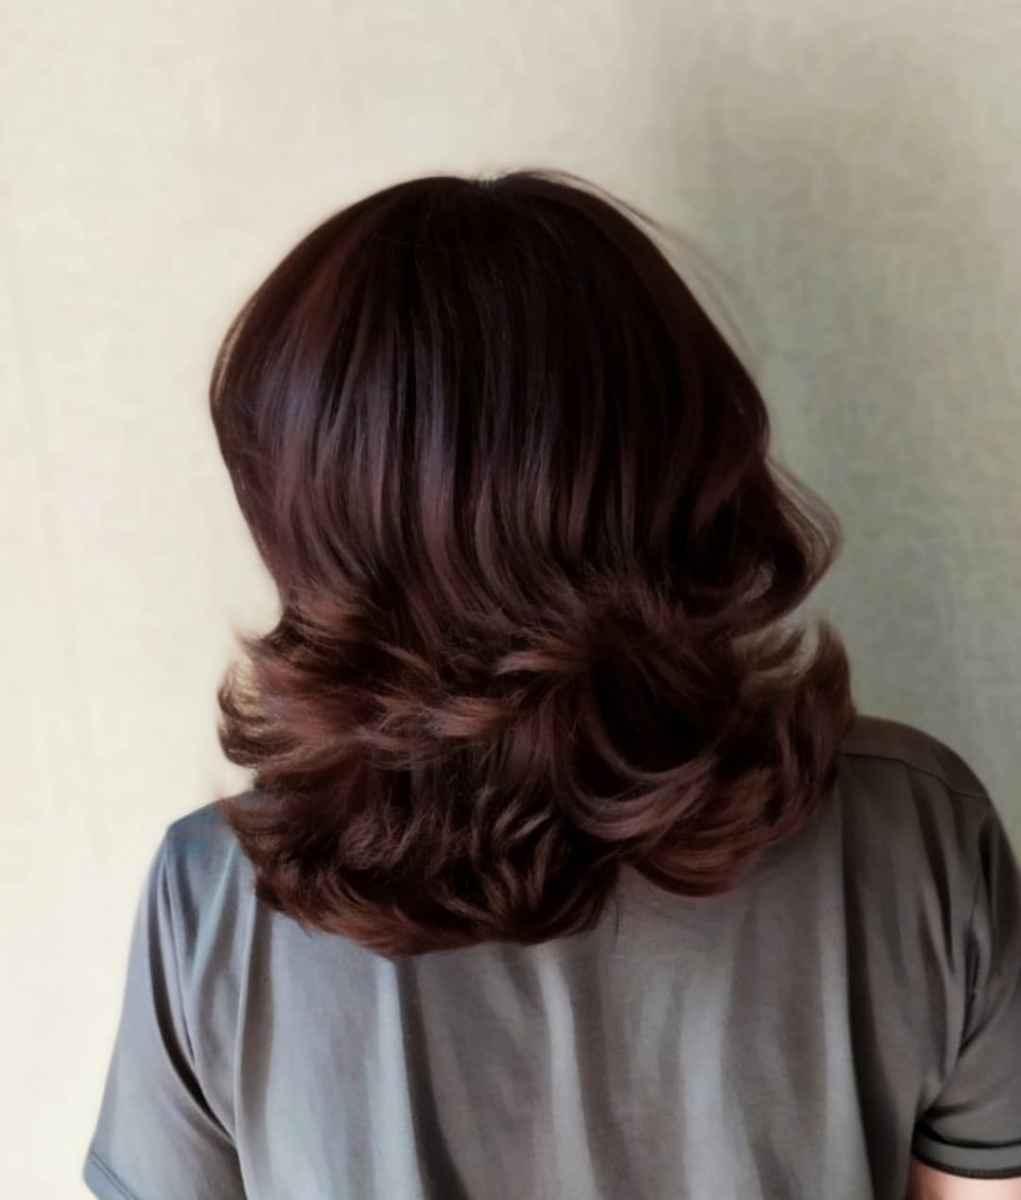 Стрижка рапсодия на средние волосы: вид сзади фото_2